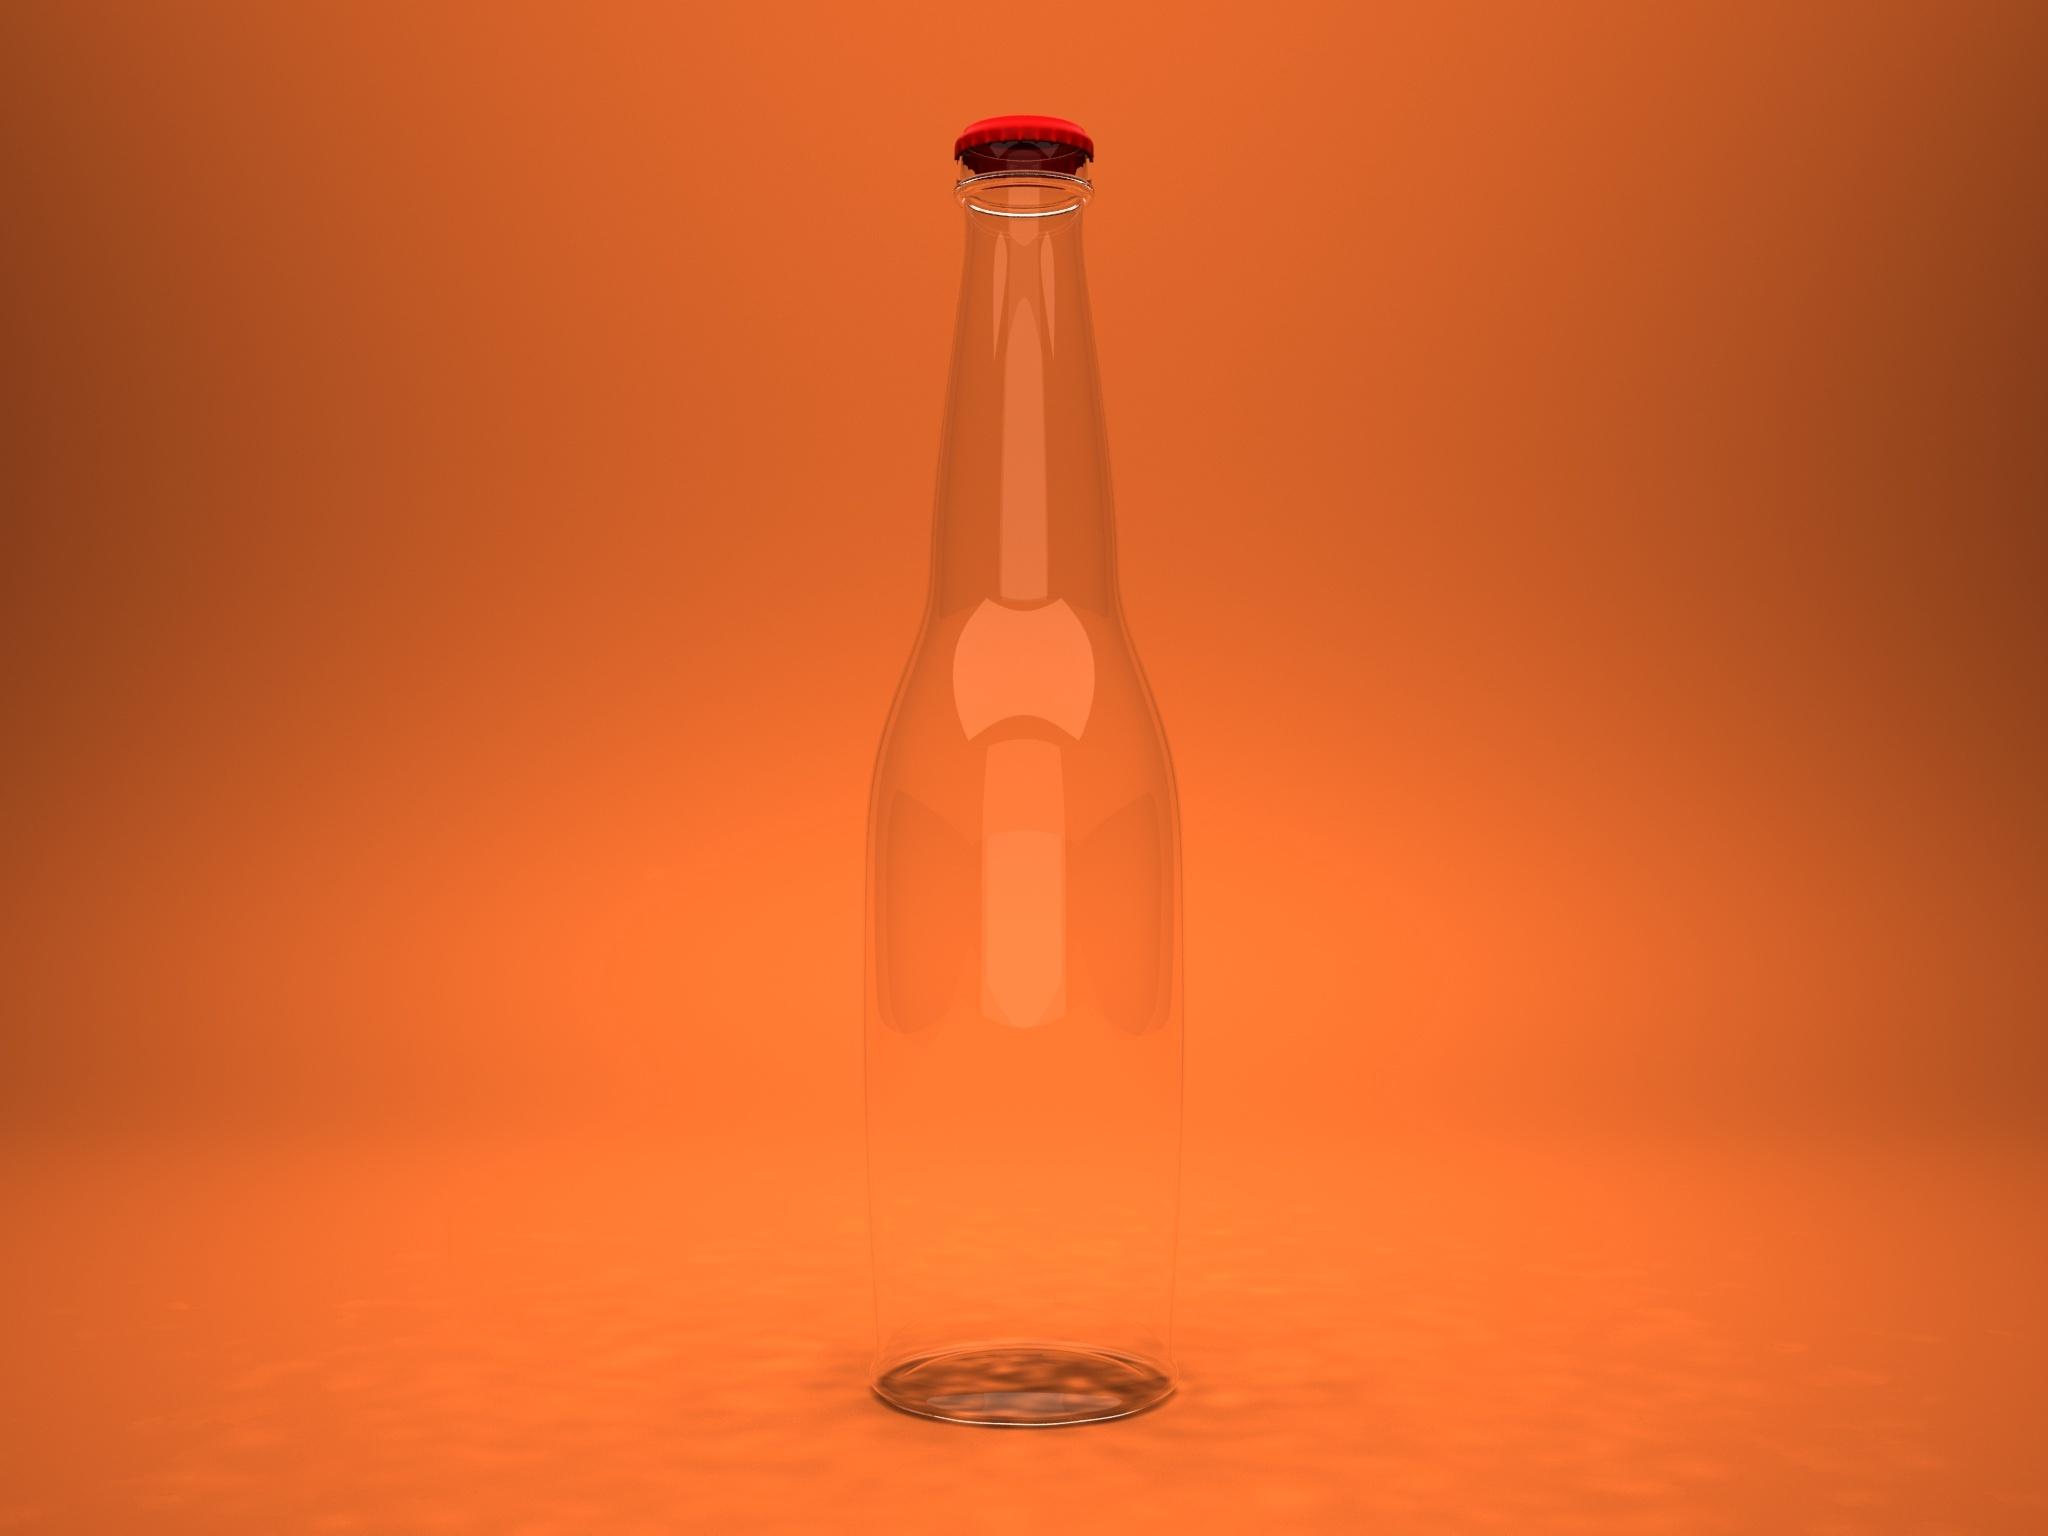 Bottle scene